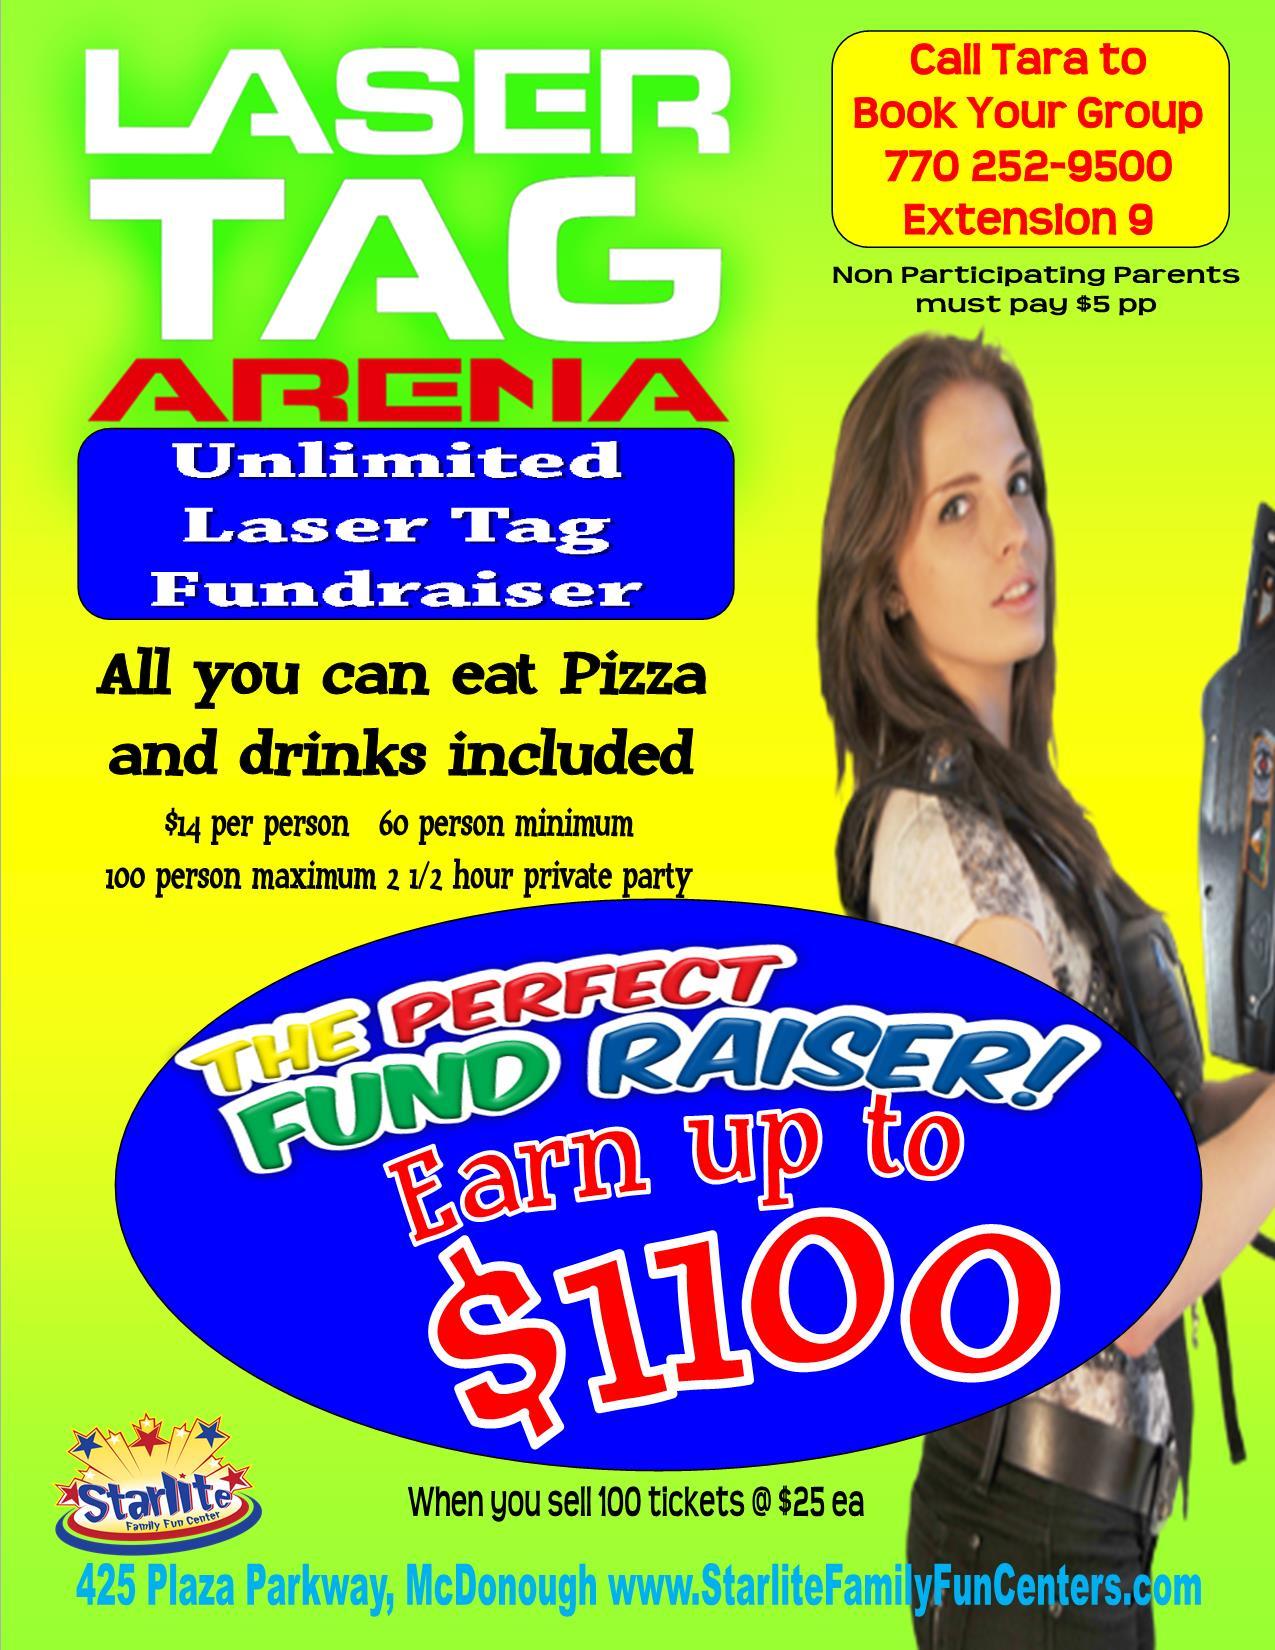 laser tag fundraiser